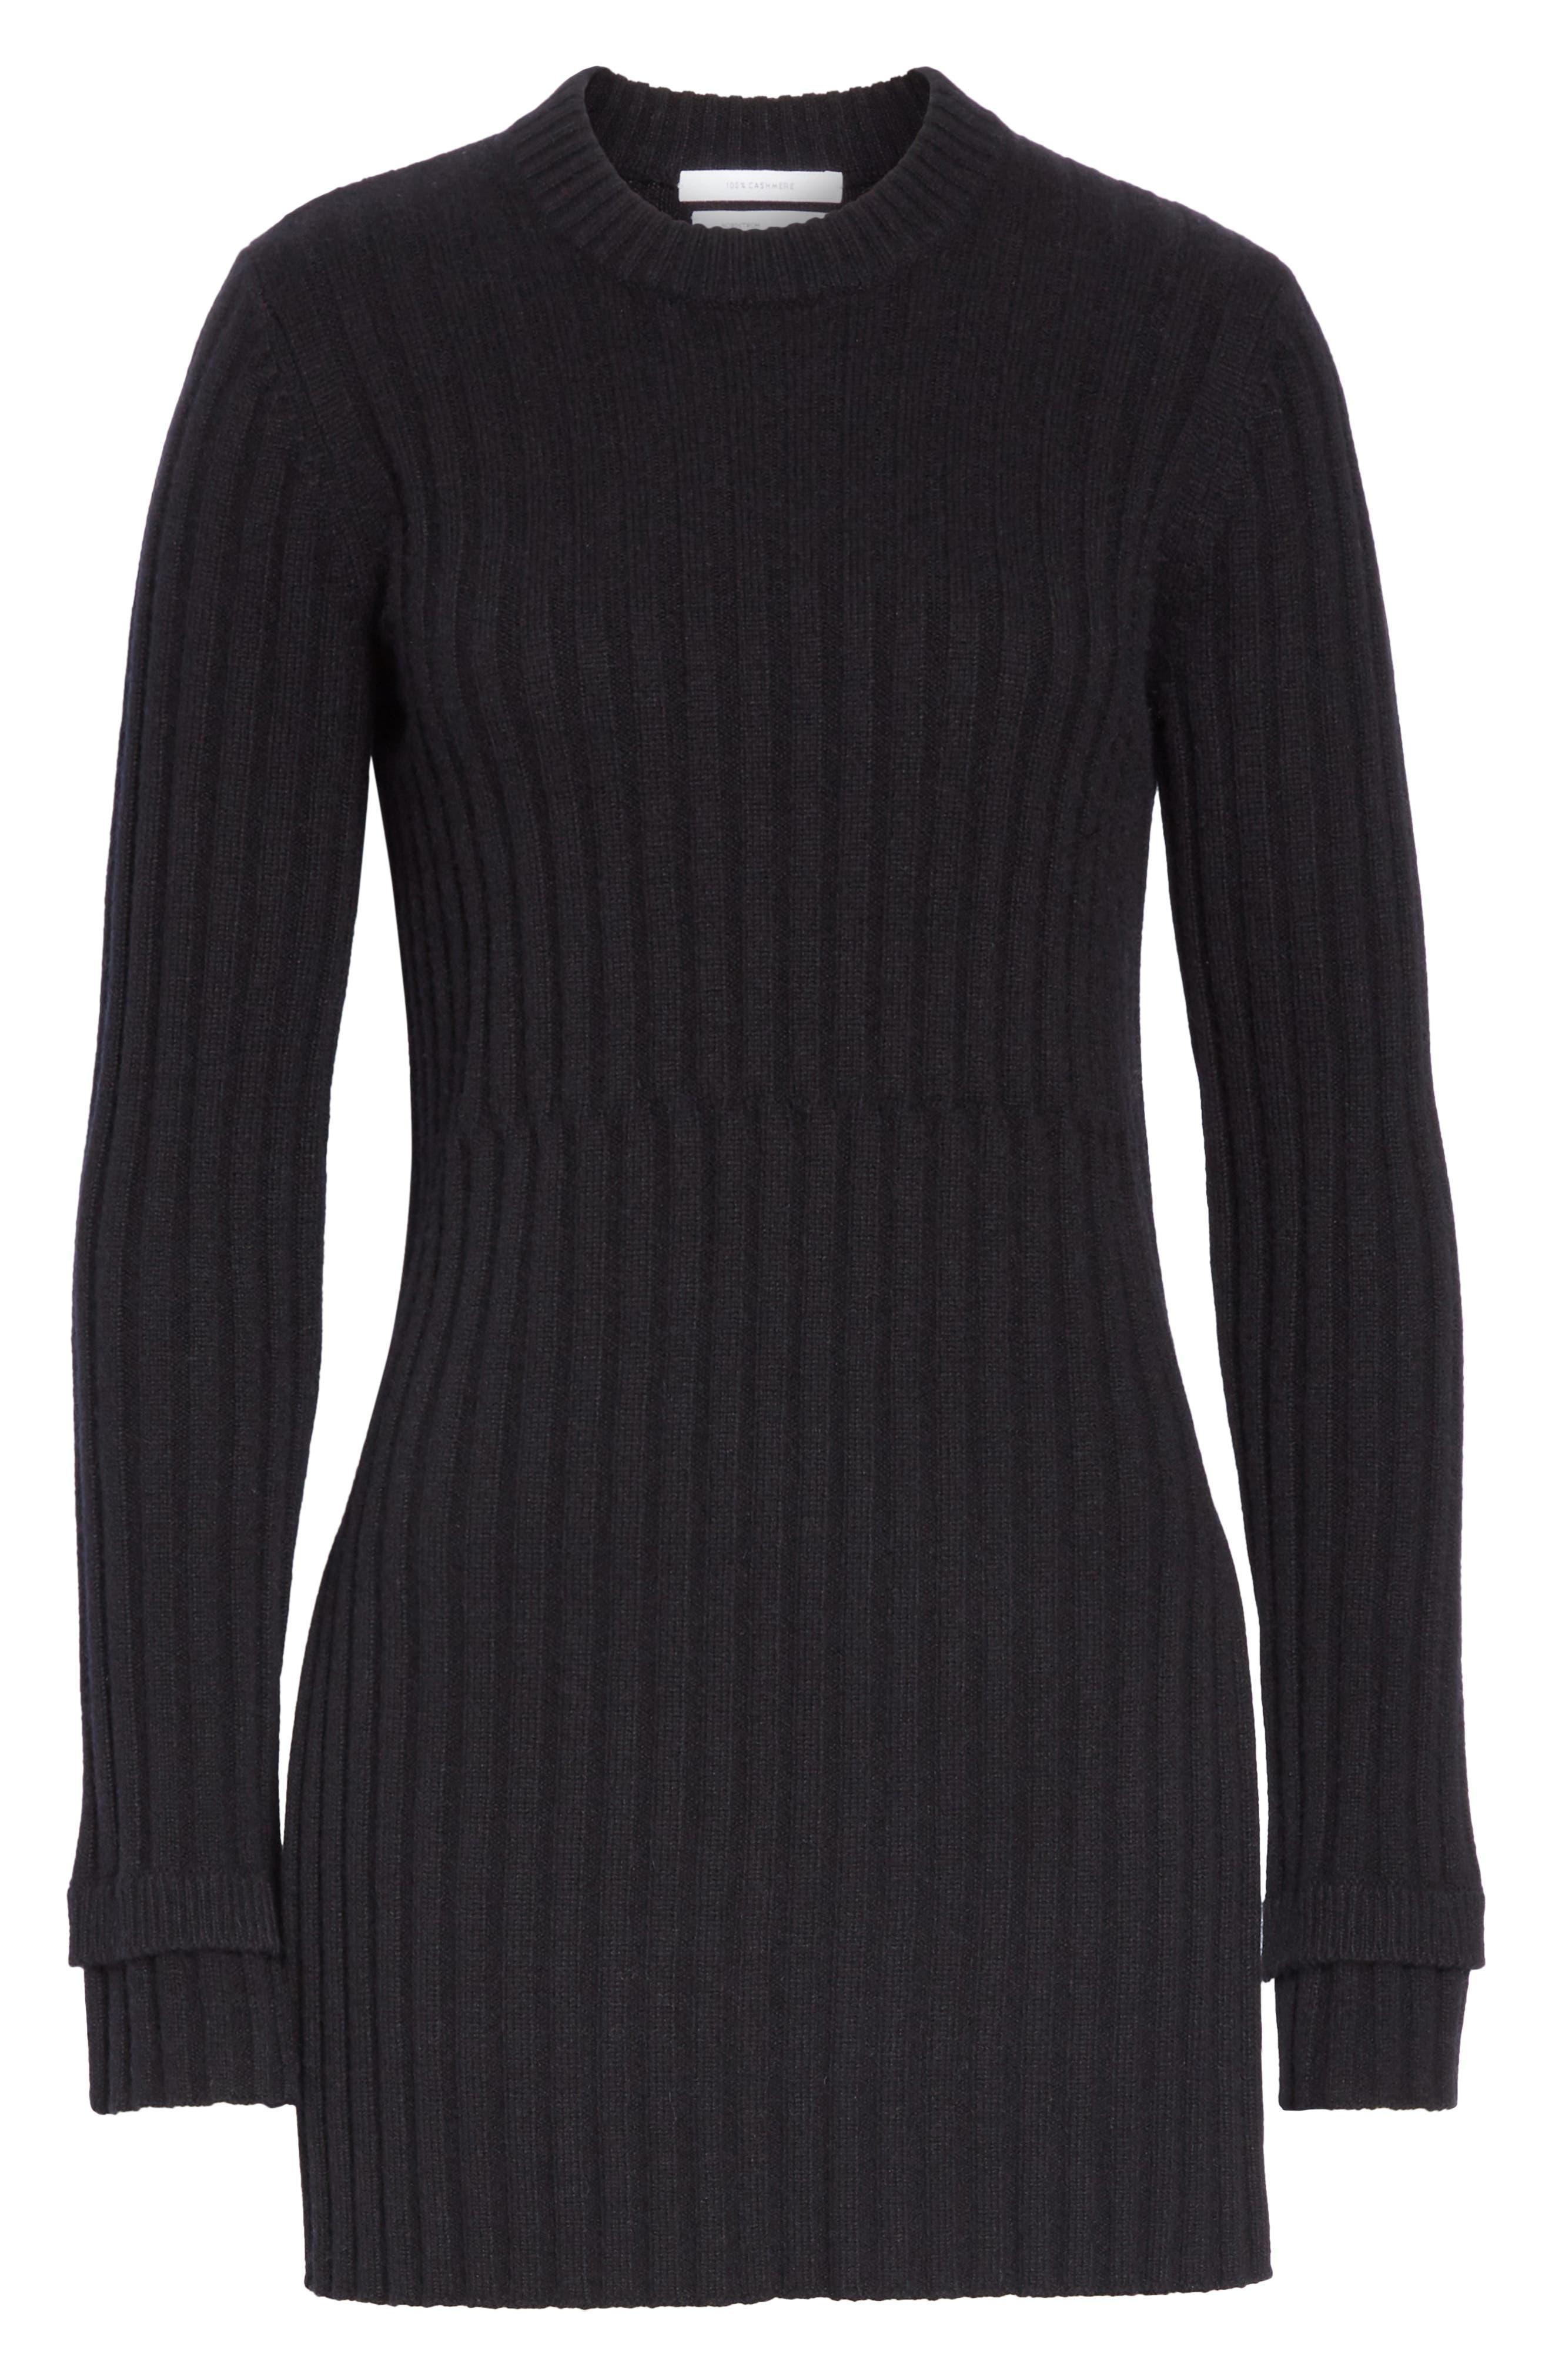 Rib Knit Cashmere Tunic,                             Alternate thumbnail 6, color,                             BLACK